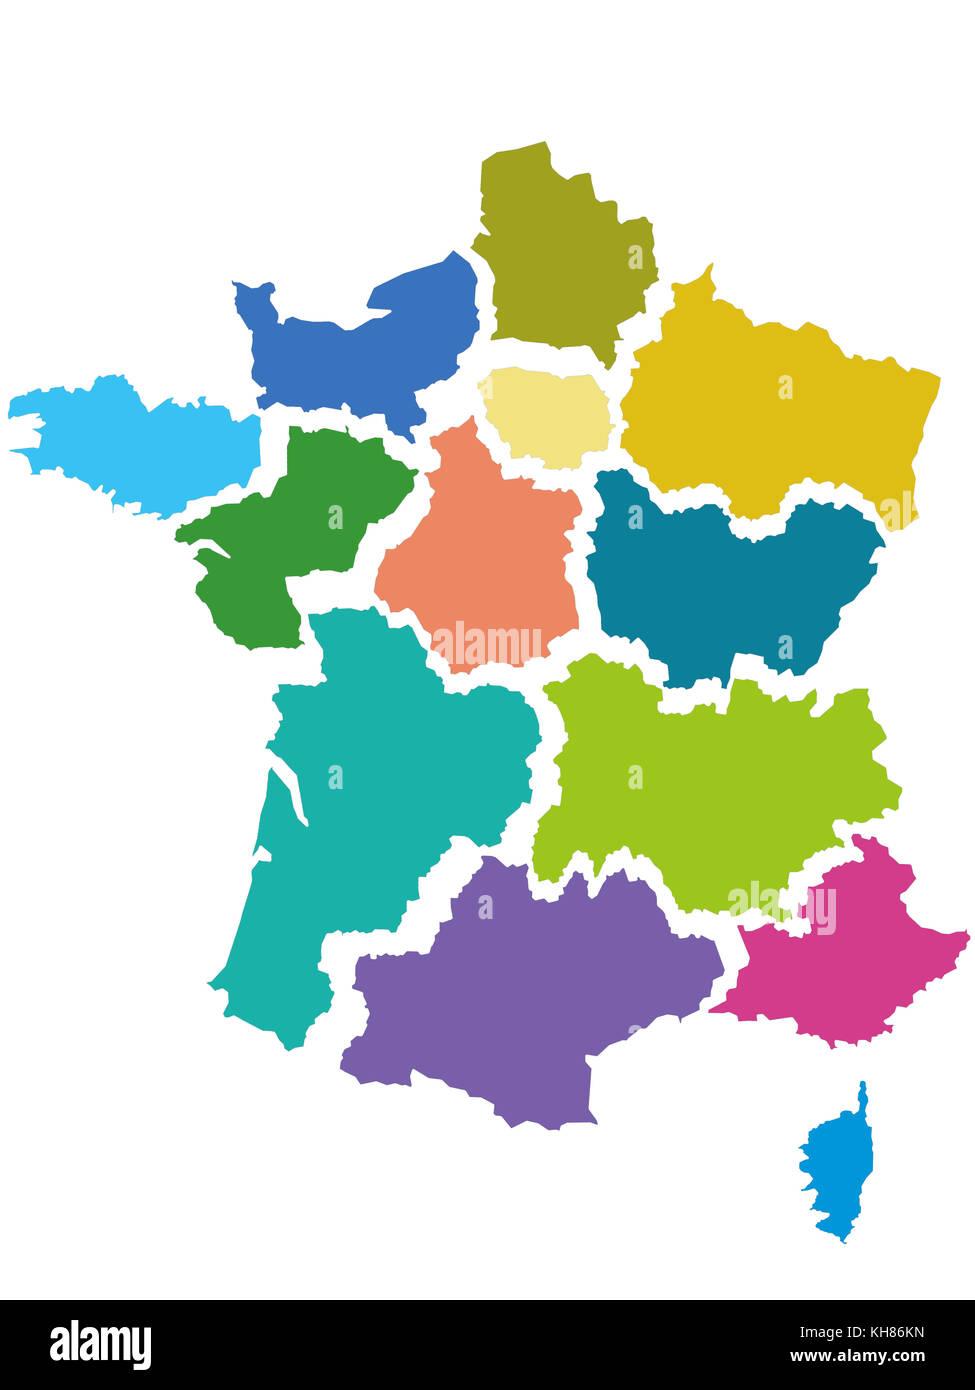 Frankreich Karte Regionen.Karte Von Frankreich Mit Den 13 Regionen Angenommen Von Der